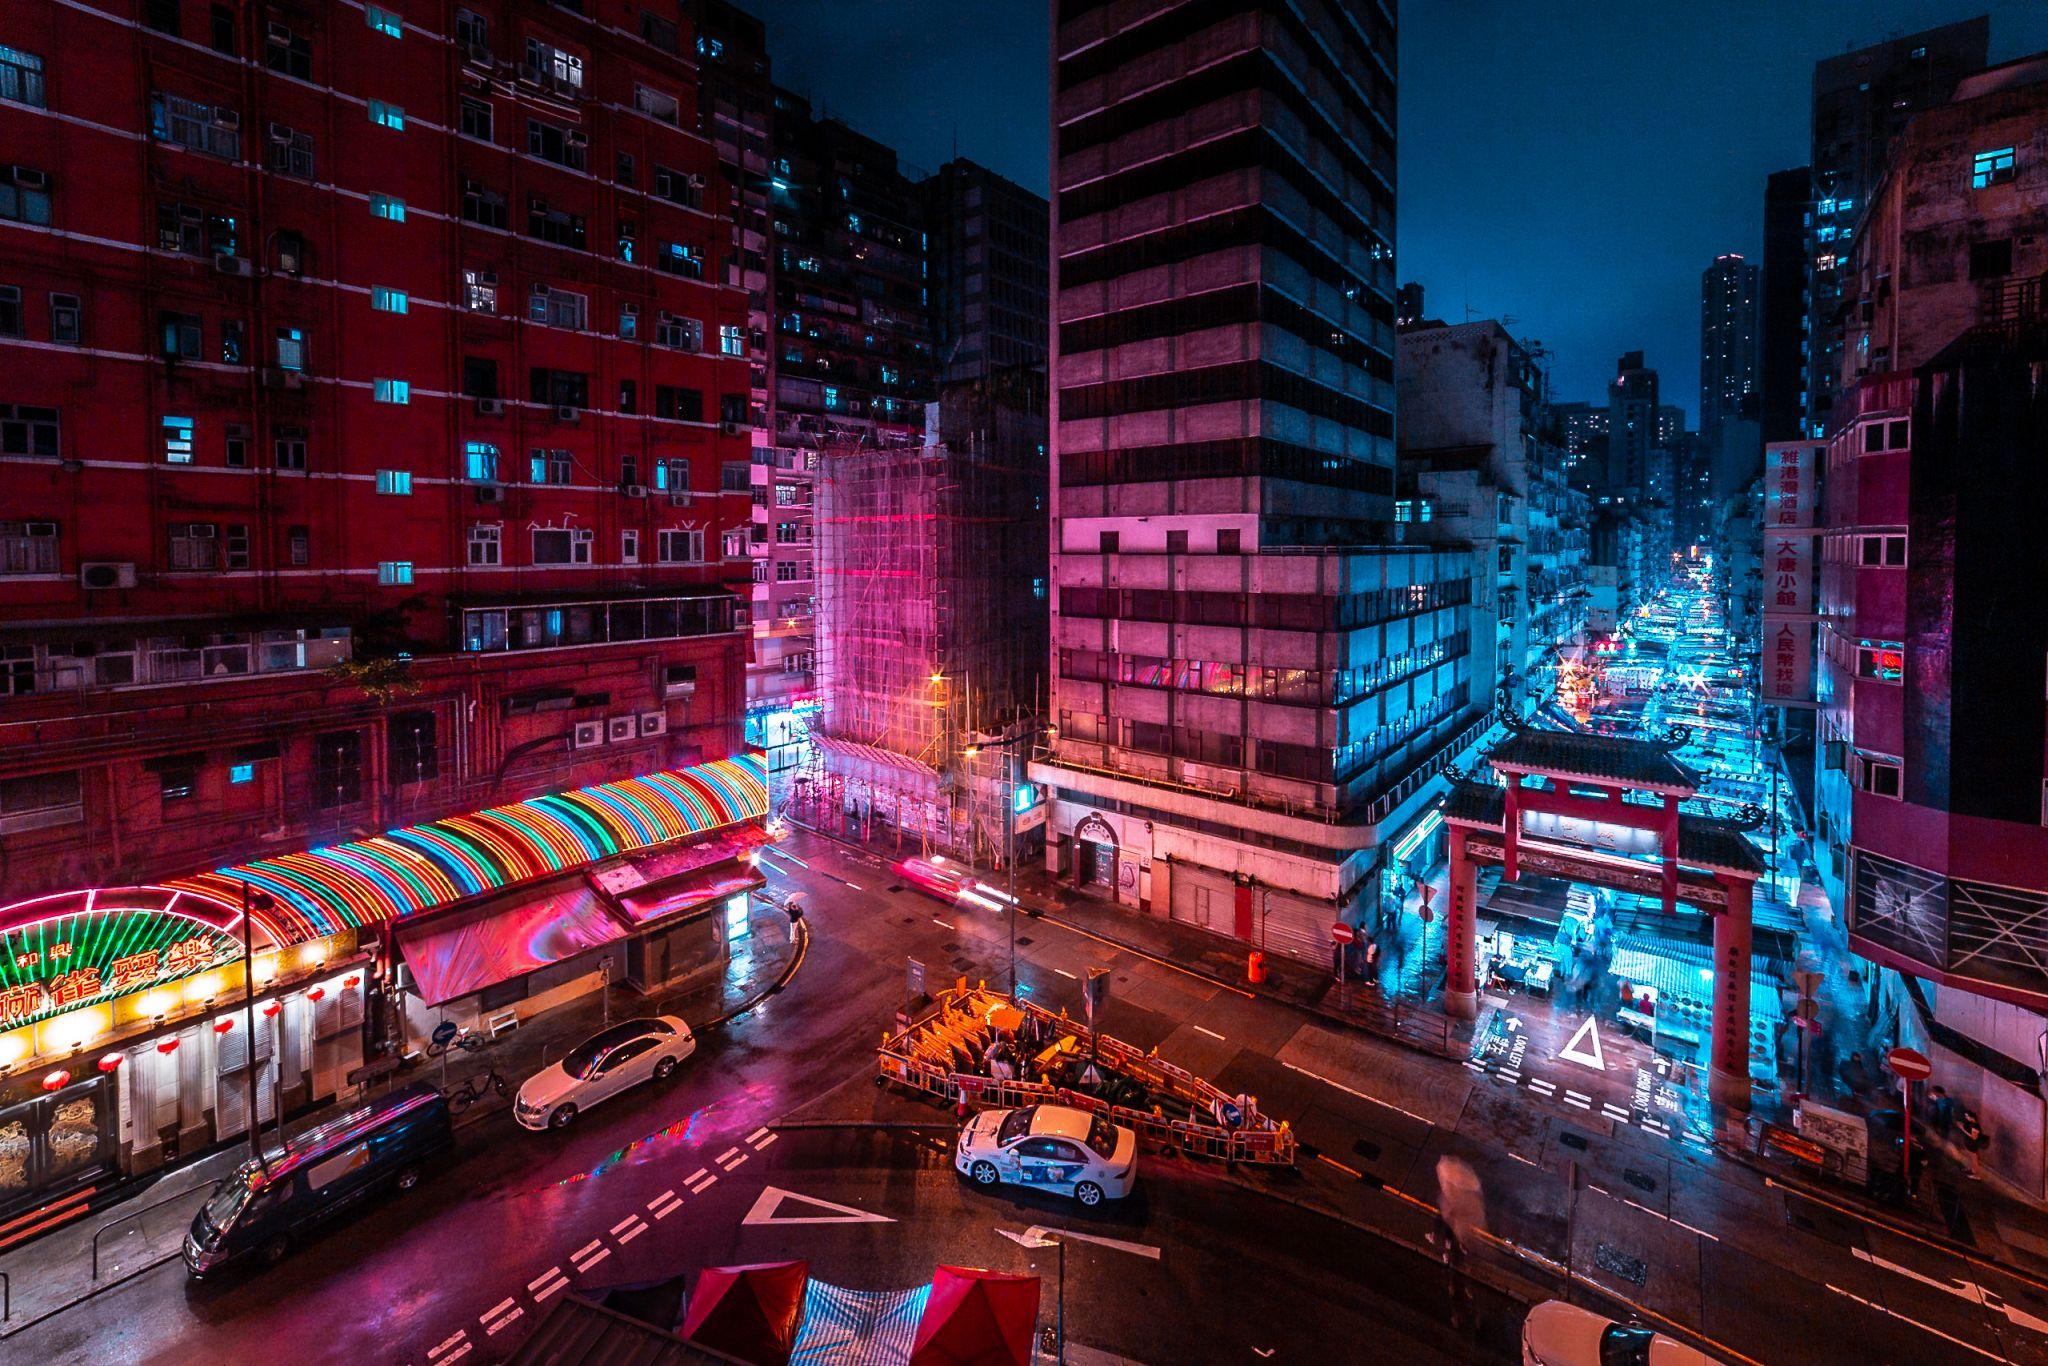 Nightlife in Hongkong Kowloon, Hong Kong